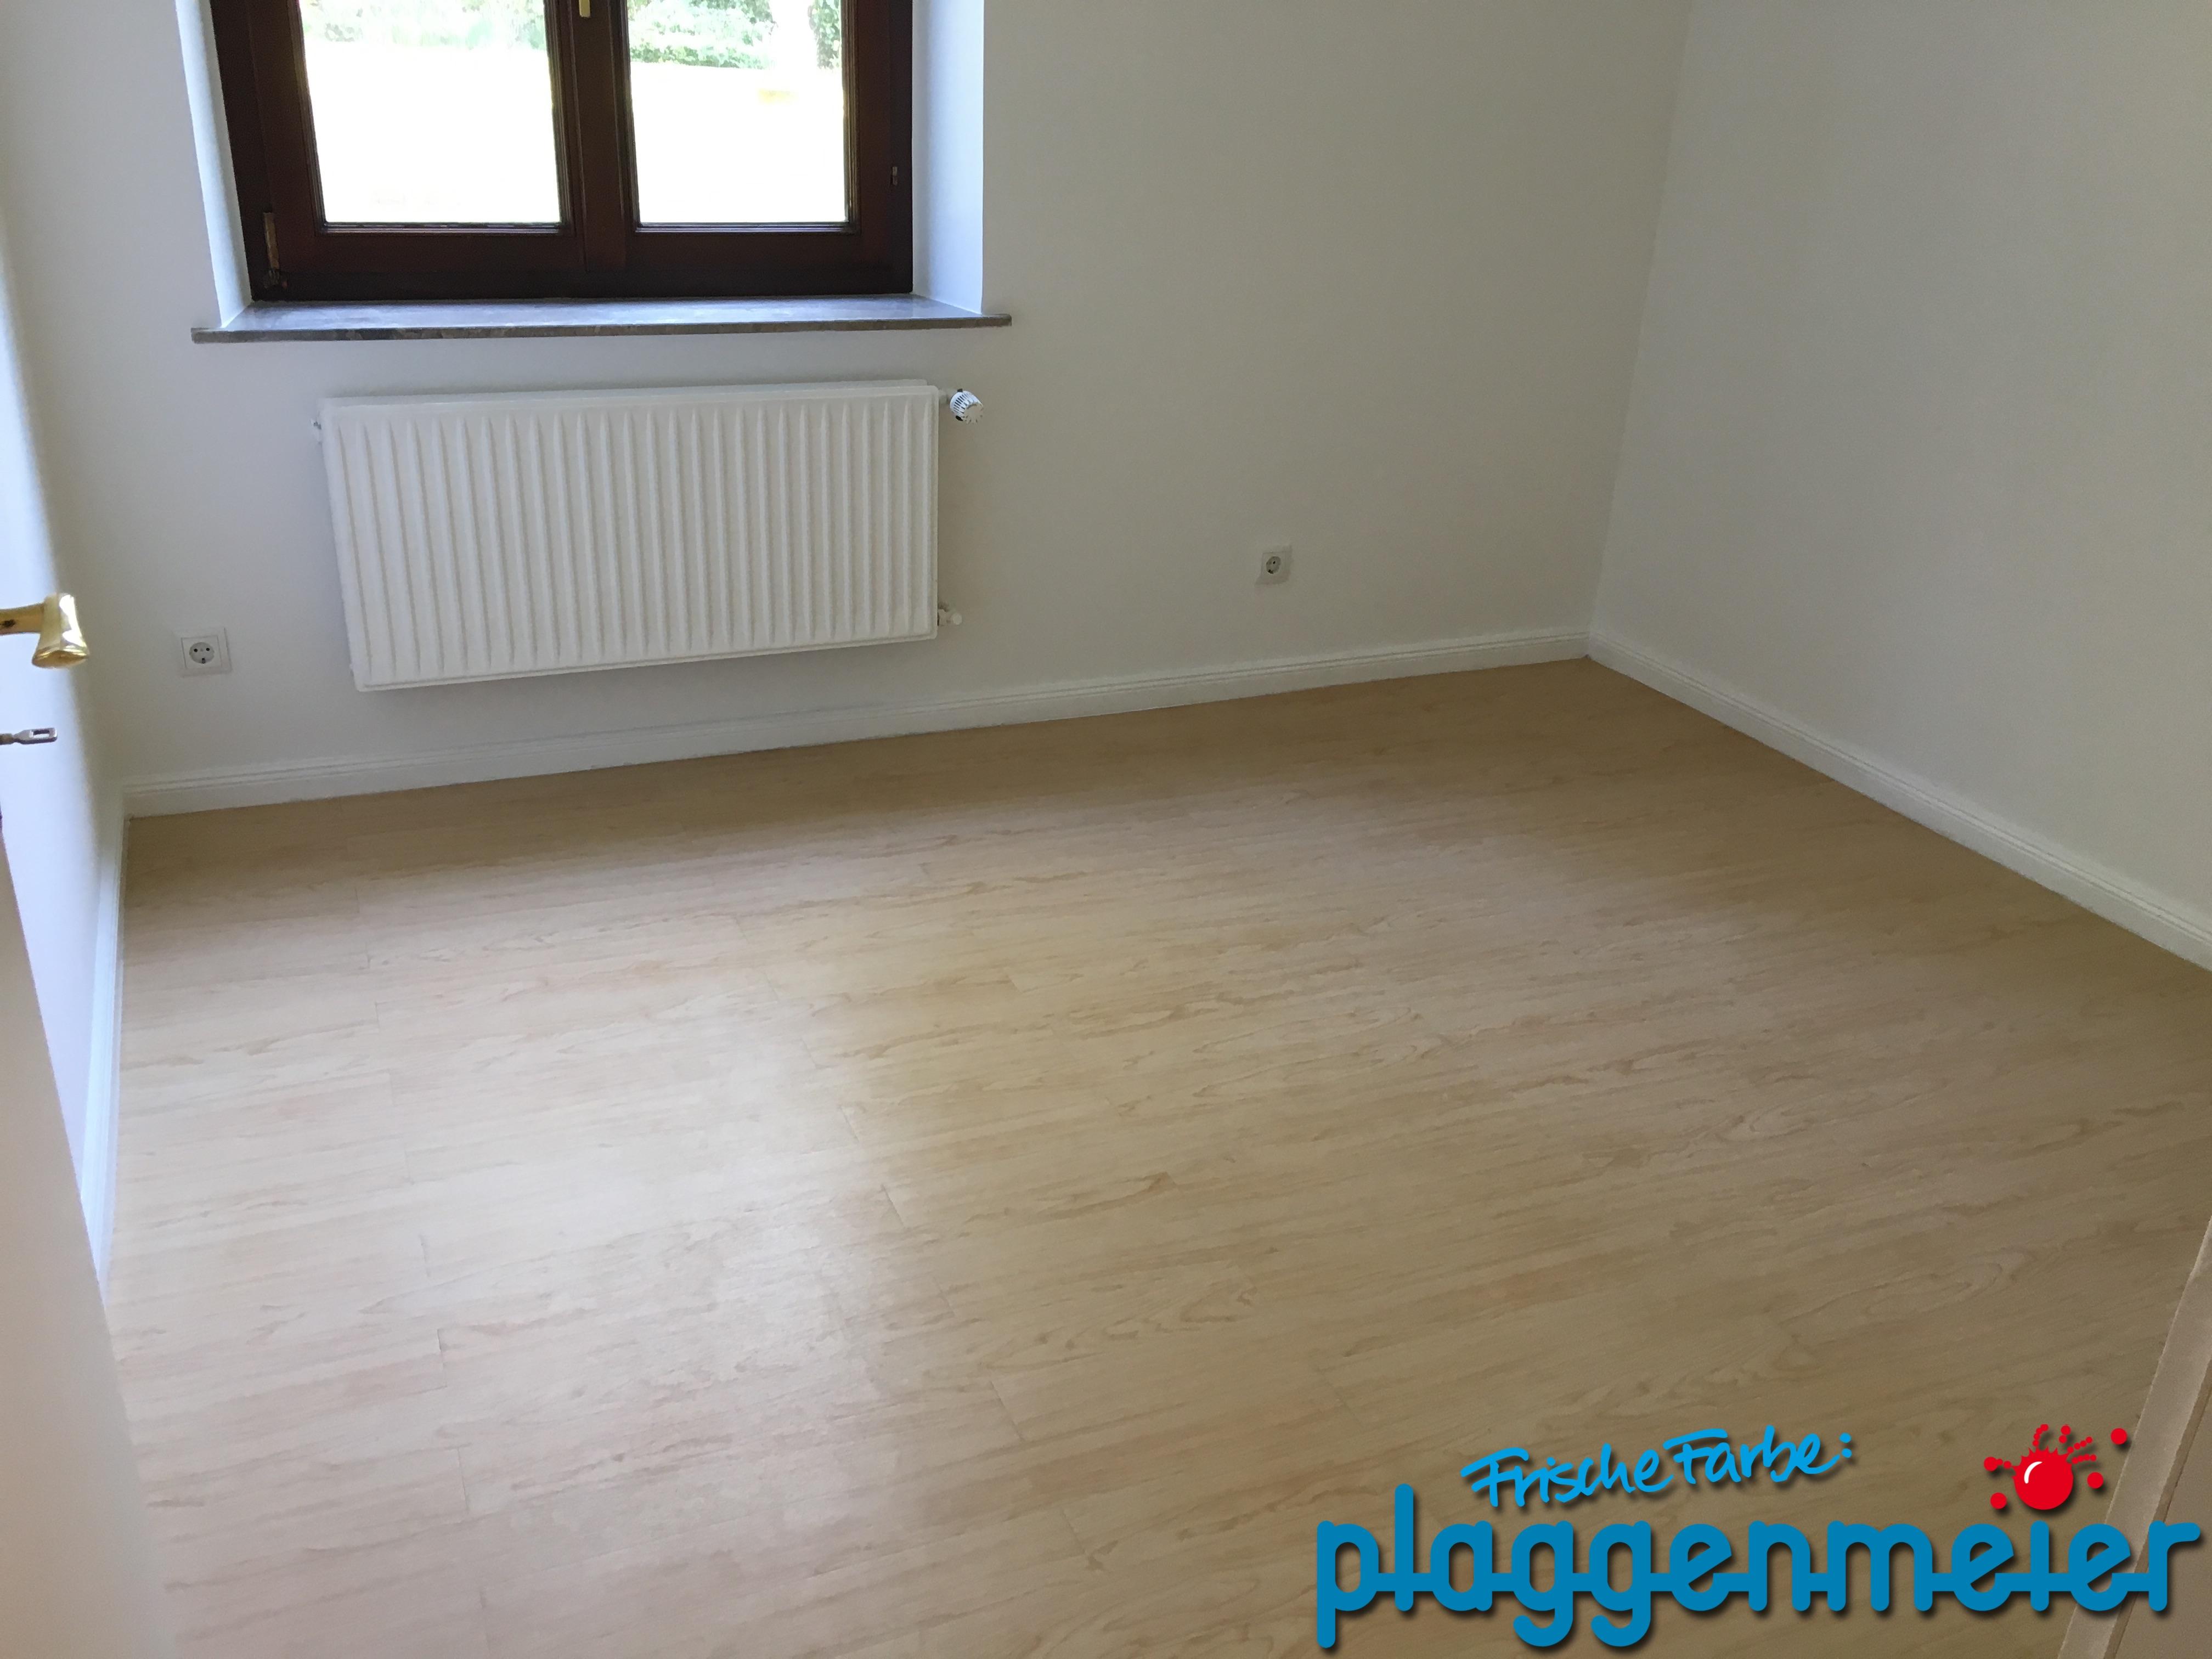 Die richtigen Mieter lassen sich nur mit einer attraktiven Wohnung finden: fragen Sie uns, wir helfen gestalten!